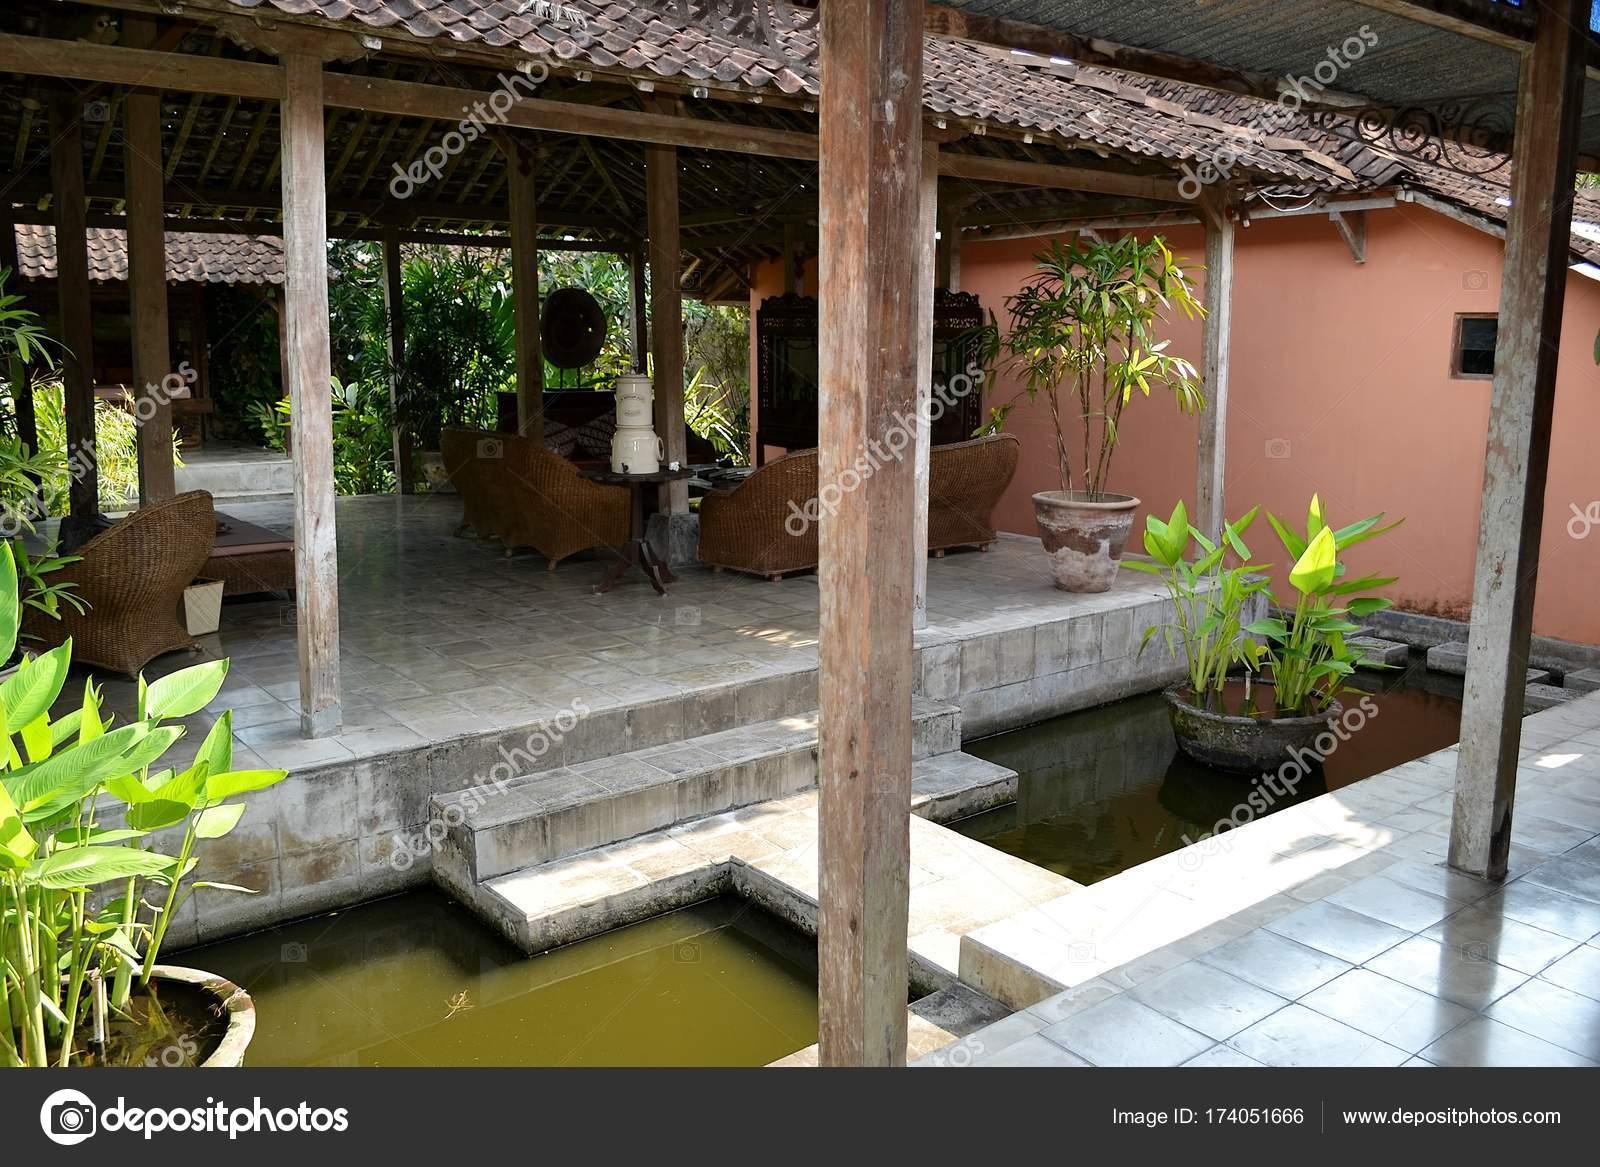 https://st3.depositphotos.com/8045052/17405/i/1600/depositphotos_174051666-stockafbeelding-interieur-houten-terras-een-tropische.jpg